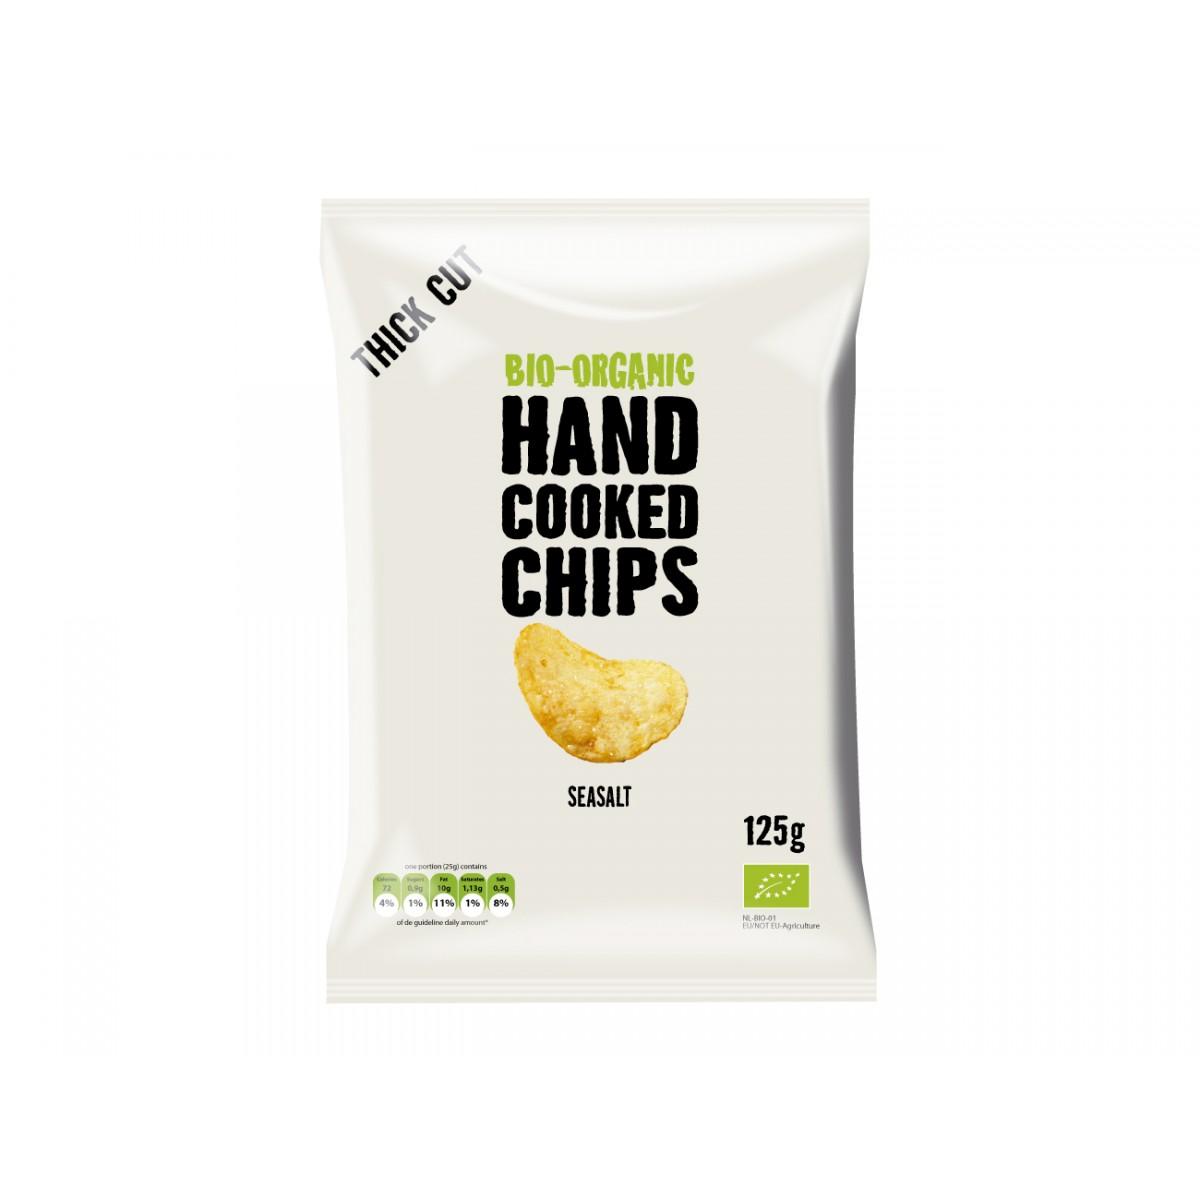 Handcooked Chips Seasalt